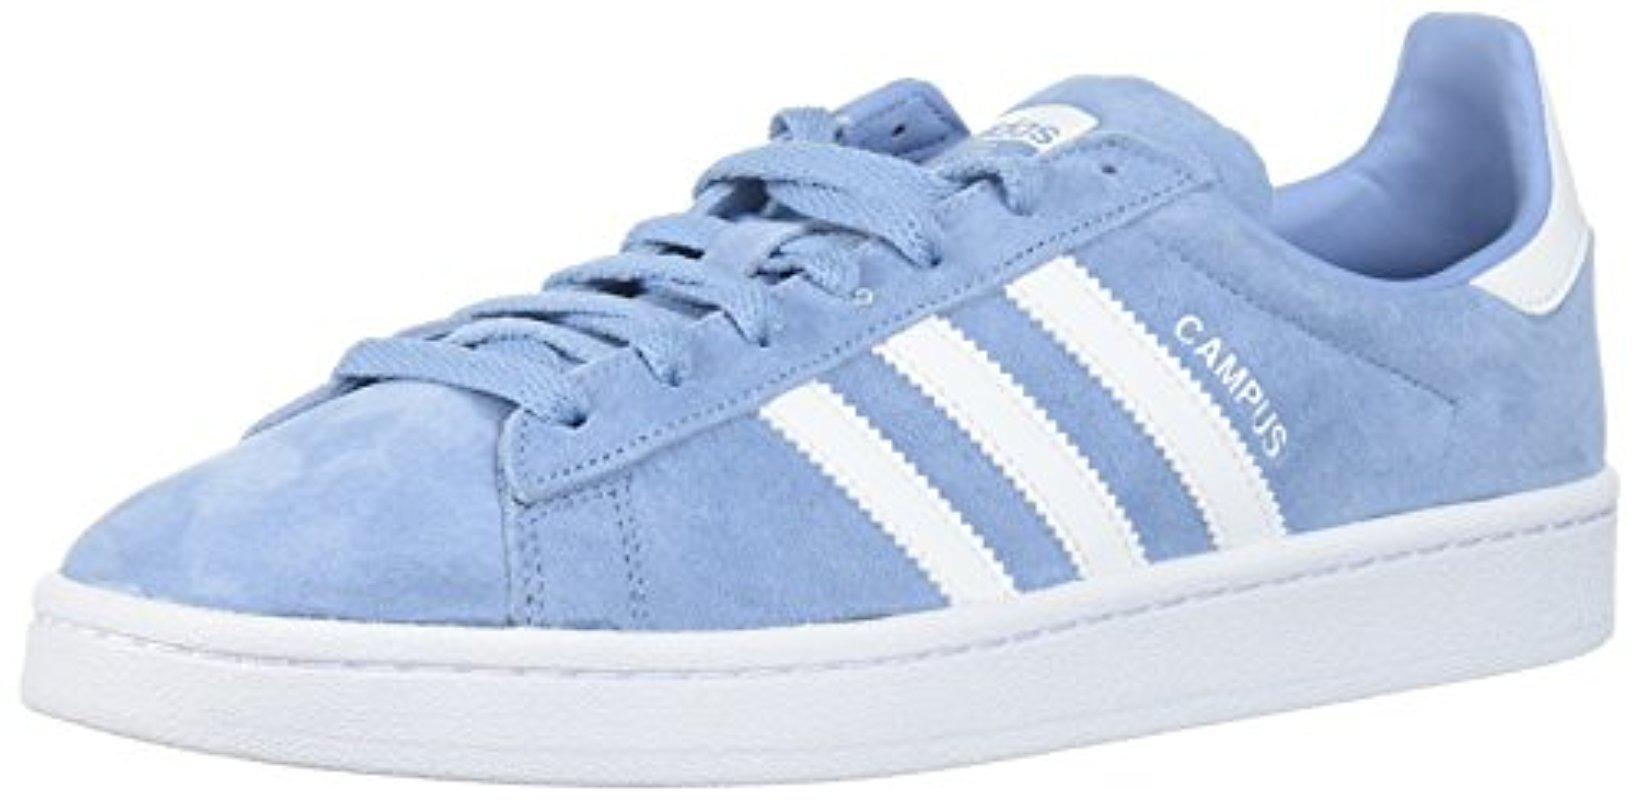 lyst adidas campus ash blue & running scarpe bianche, blu per gli uomini.